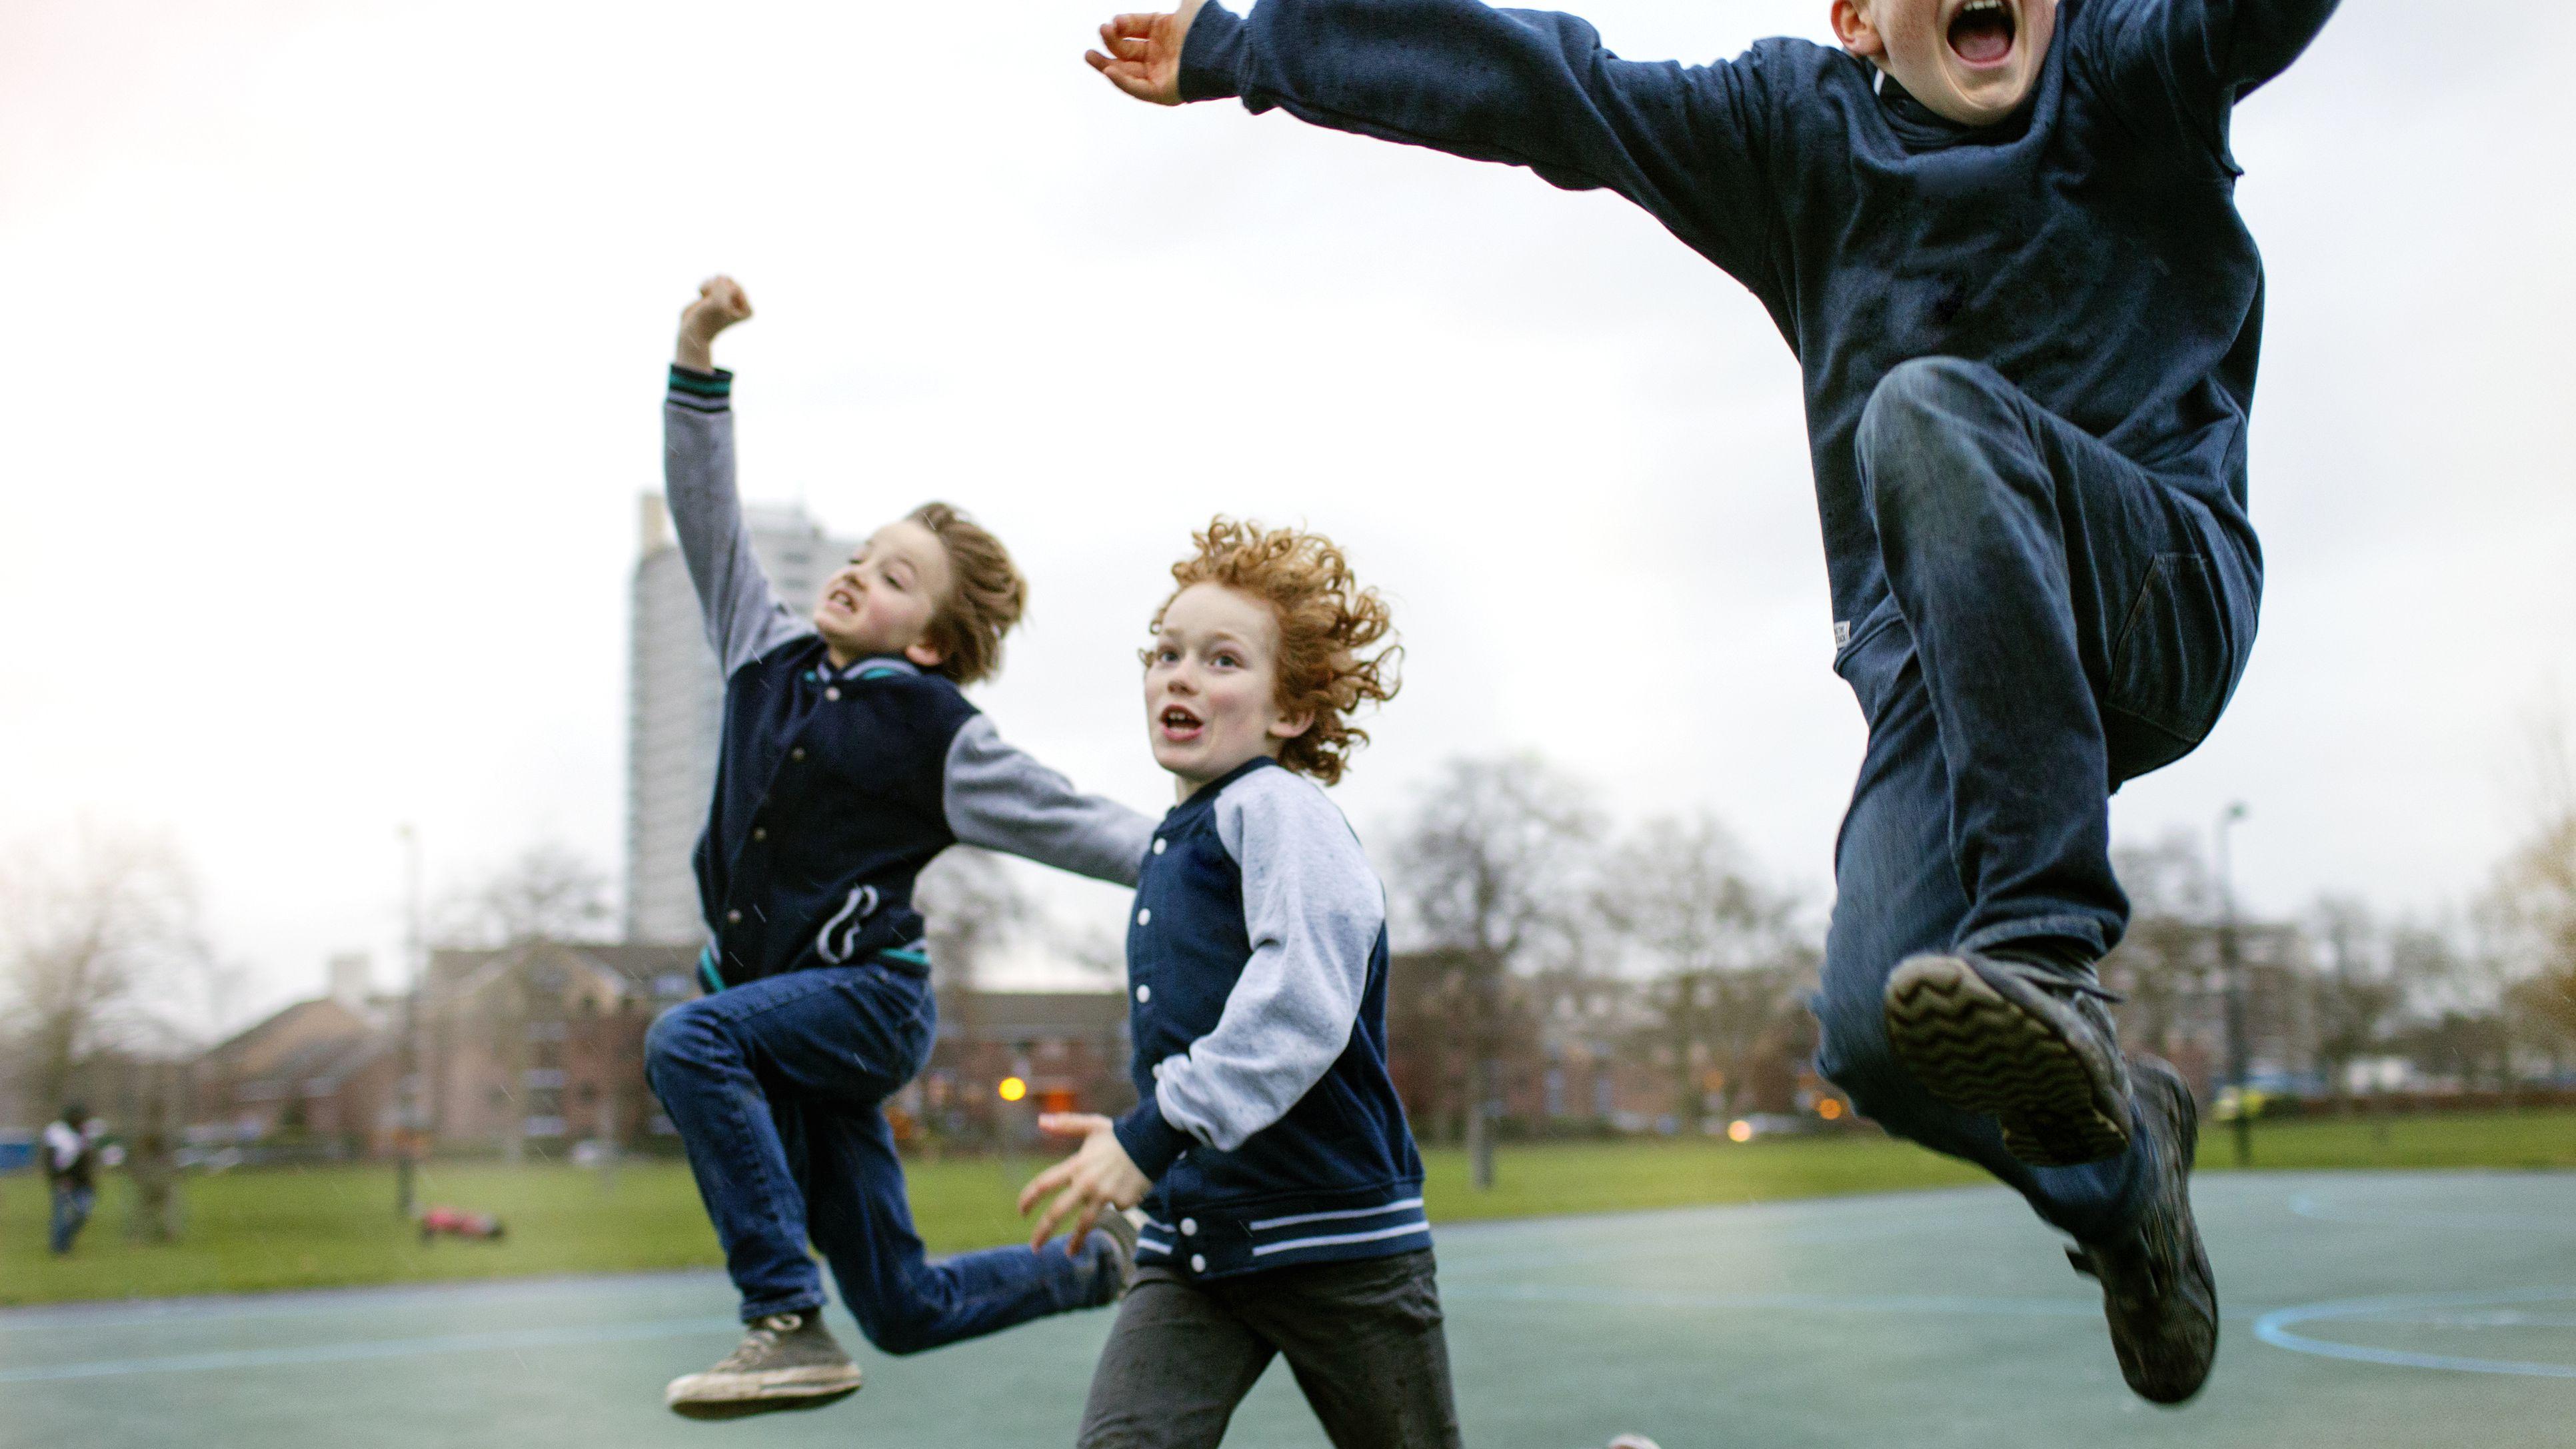 9 Self-Defense Strategies Kids Can Use Against Bullies